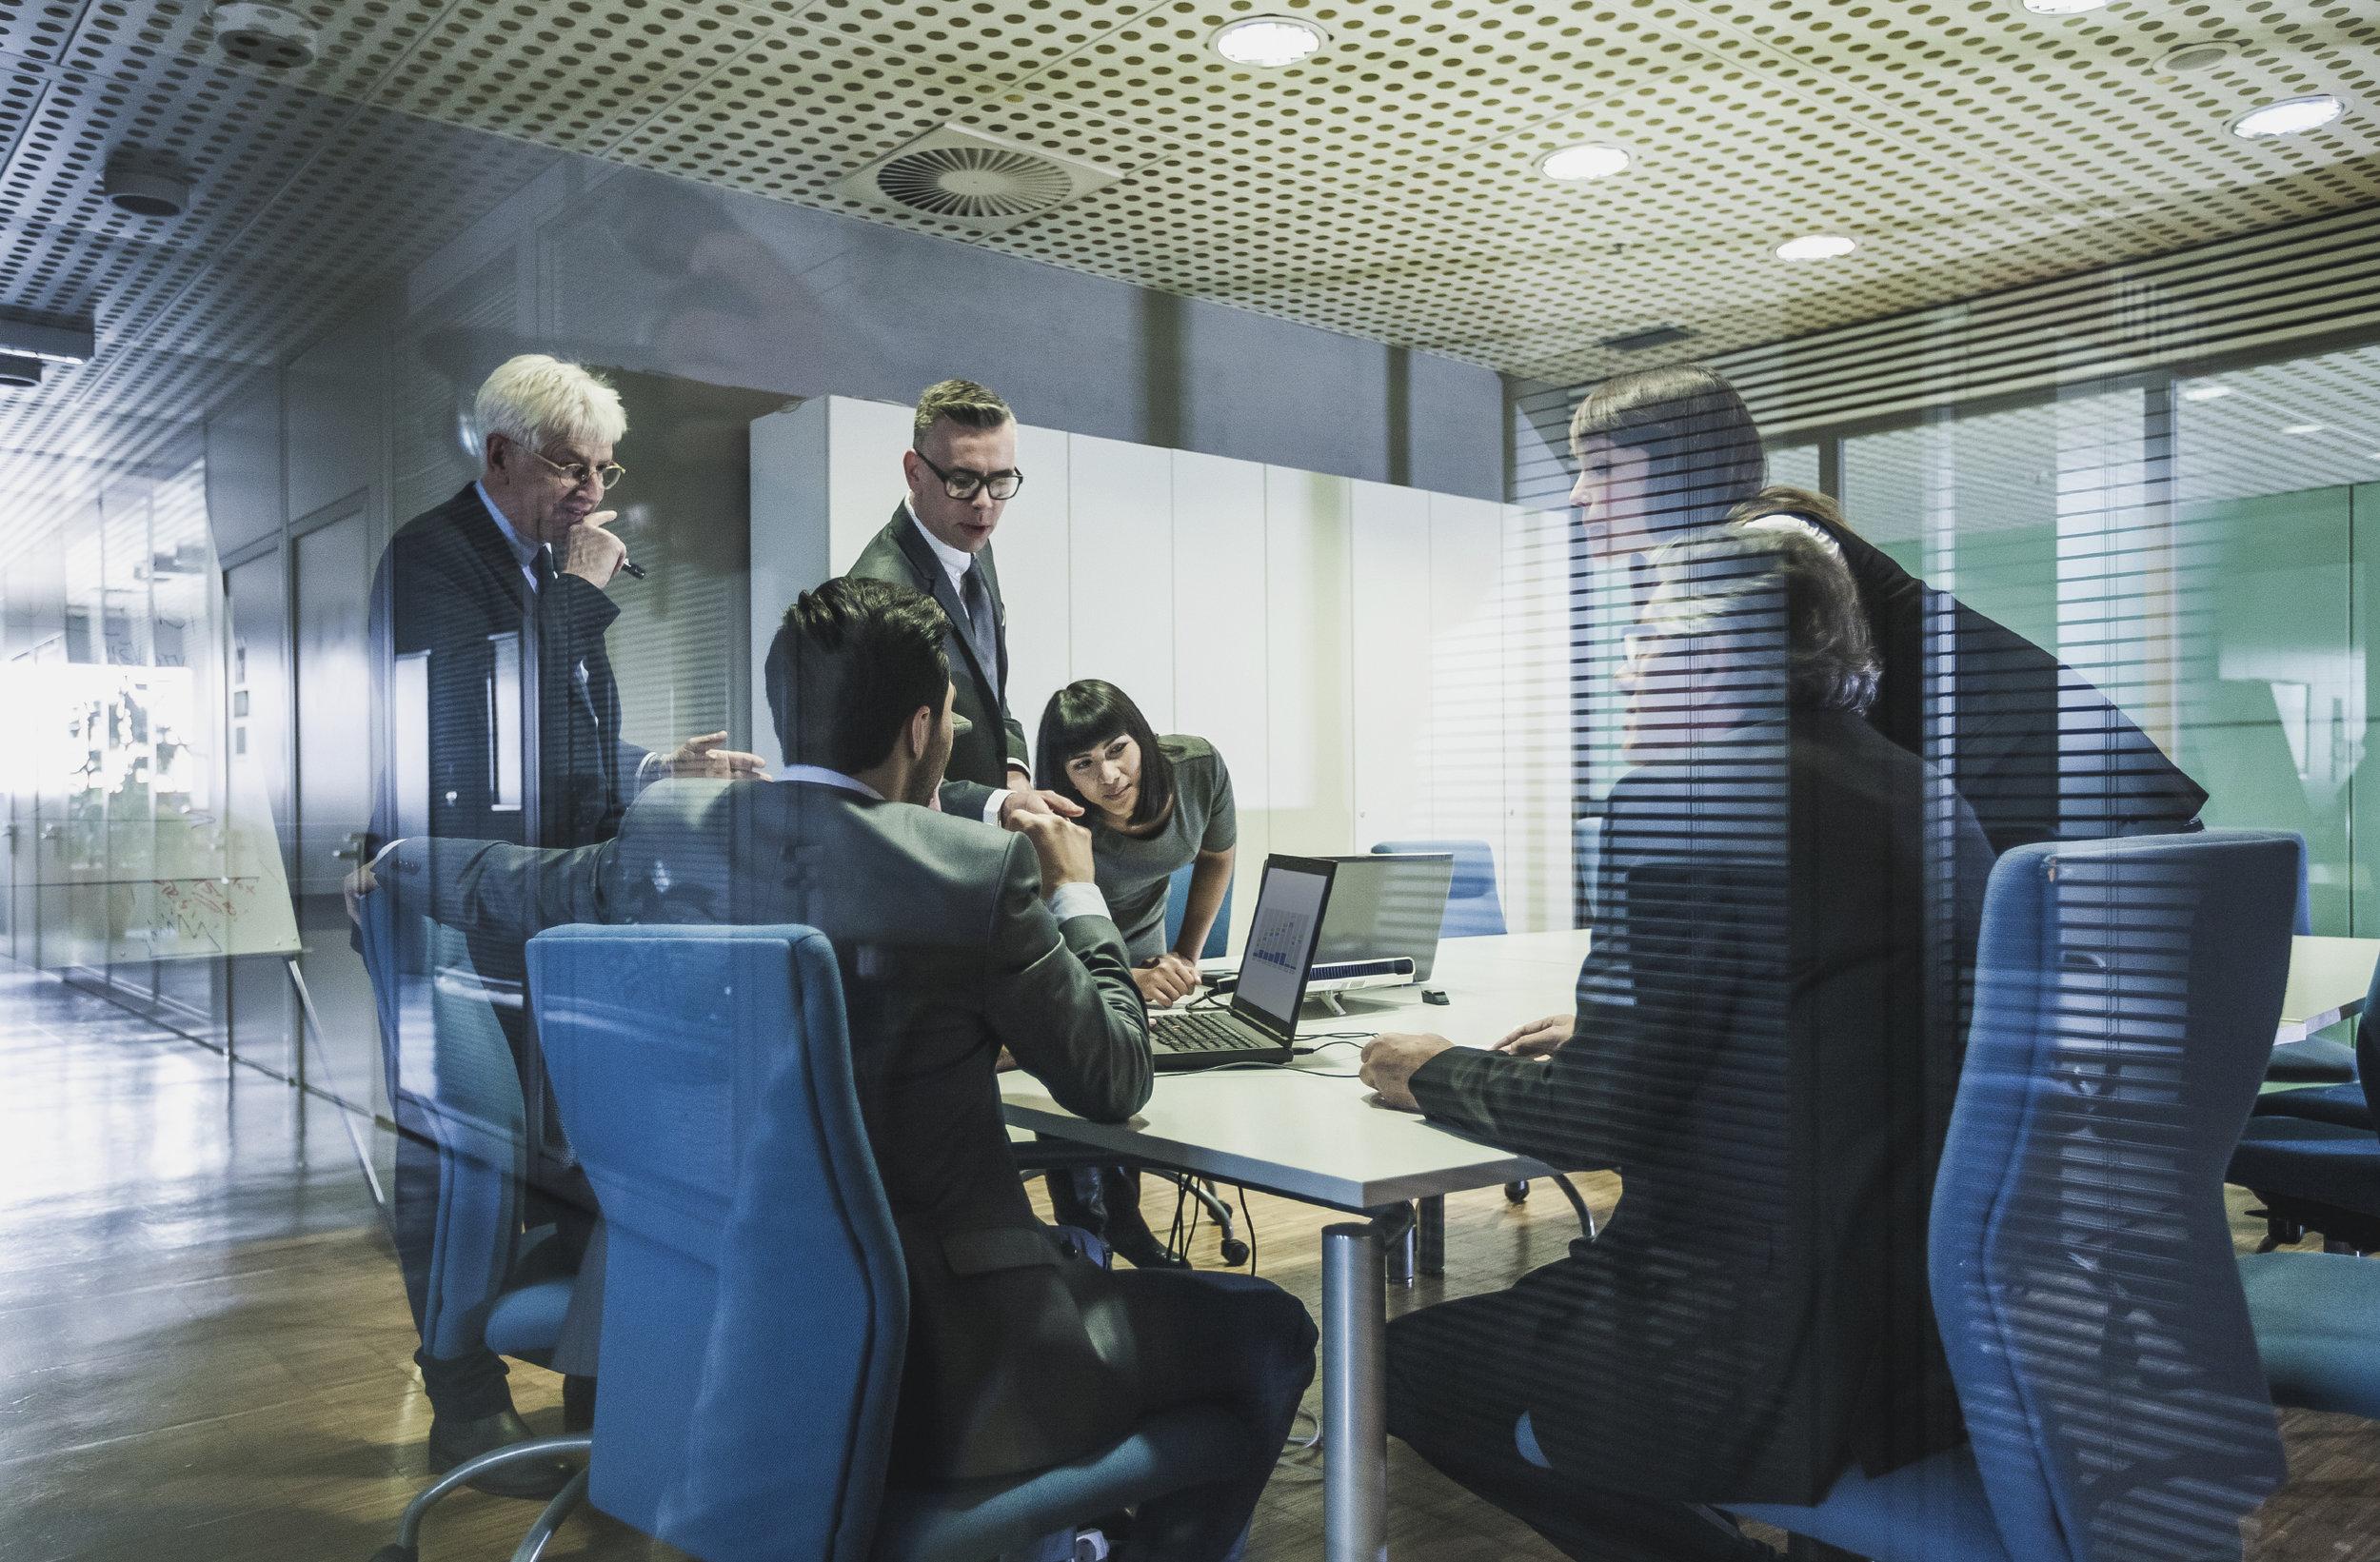 office team meeting.jpg